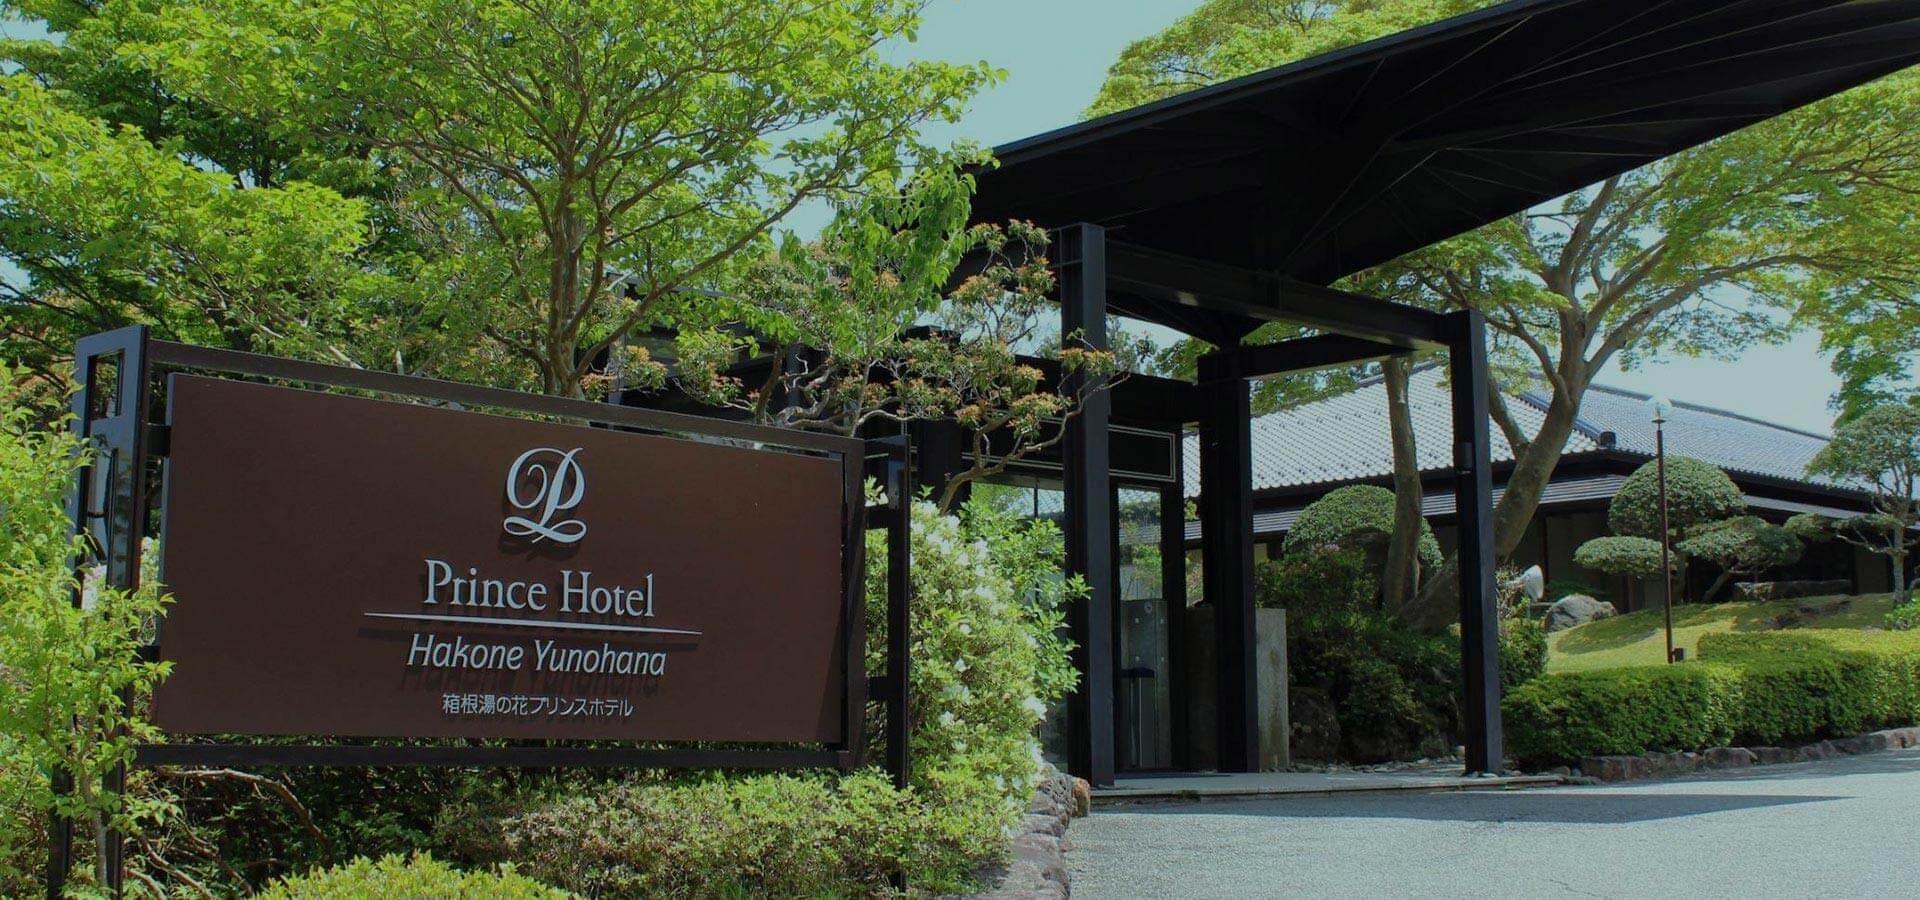 箱根湯之花王子大飯店